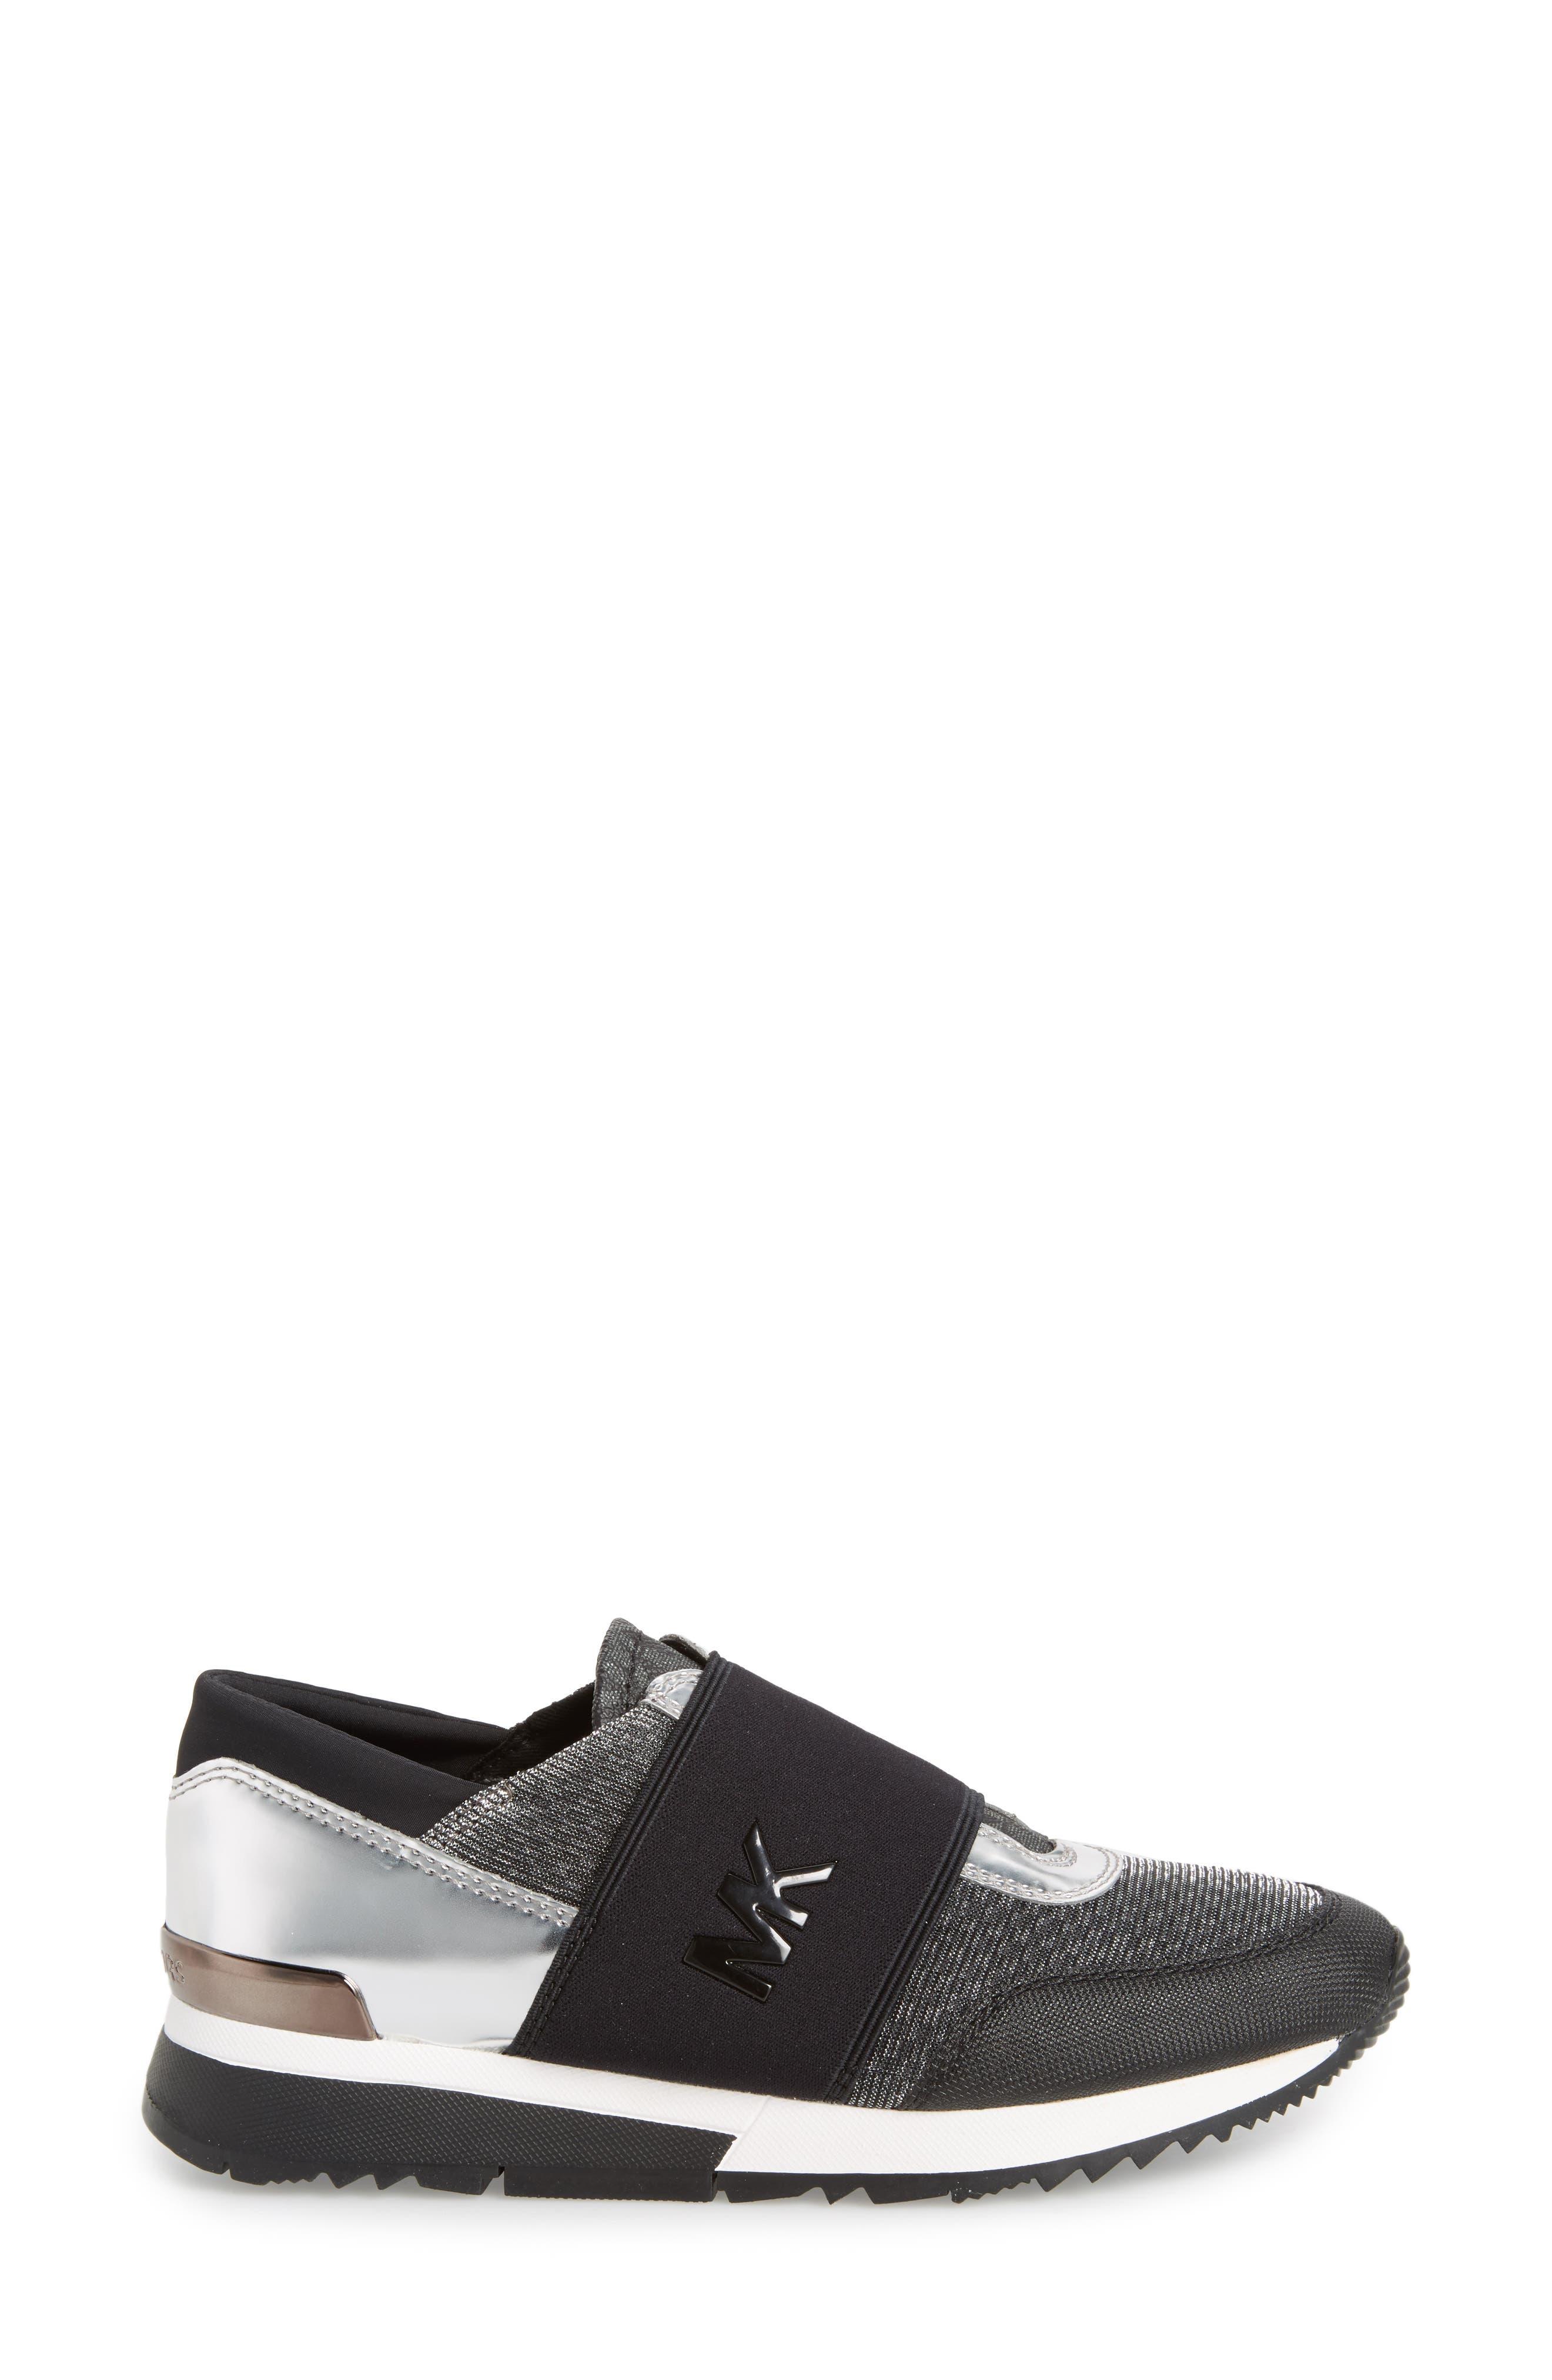 Slip-On Sneaker,                             Alternate thumbnail 3, color,                             001